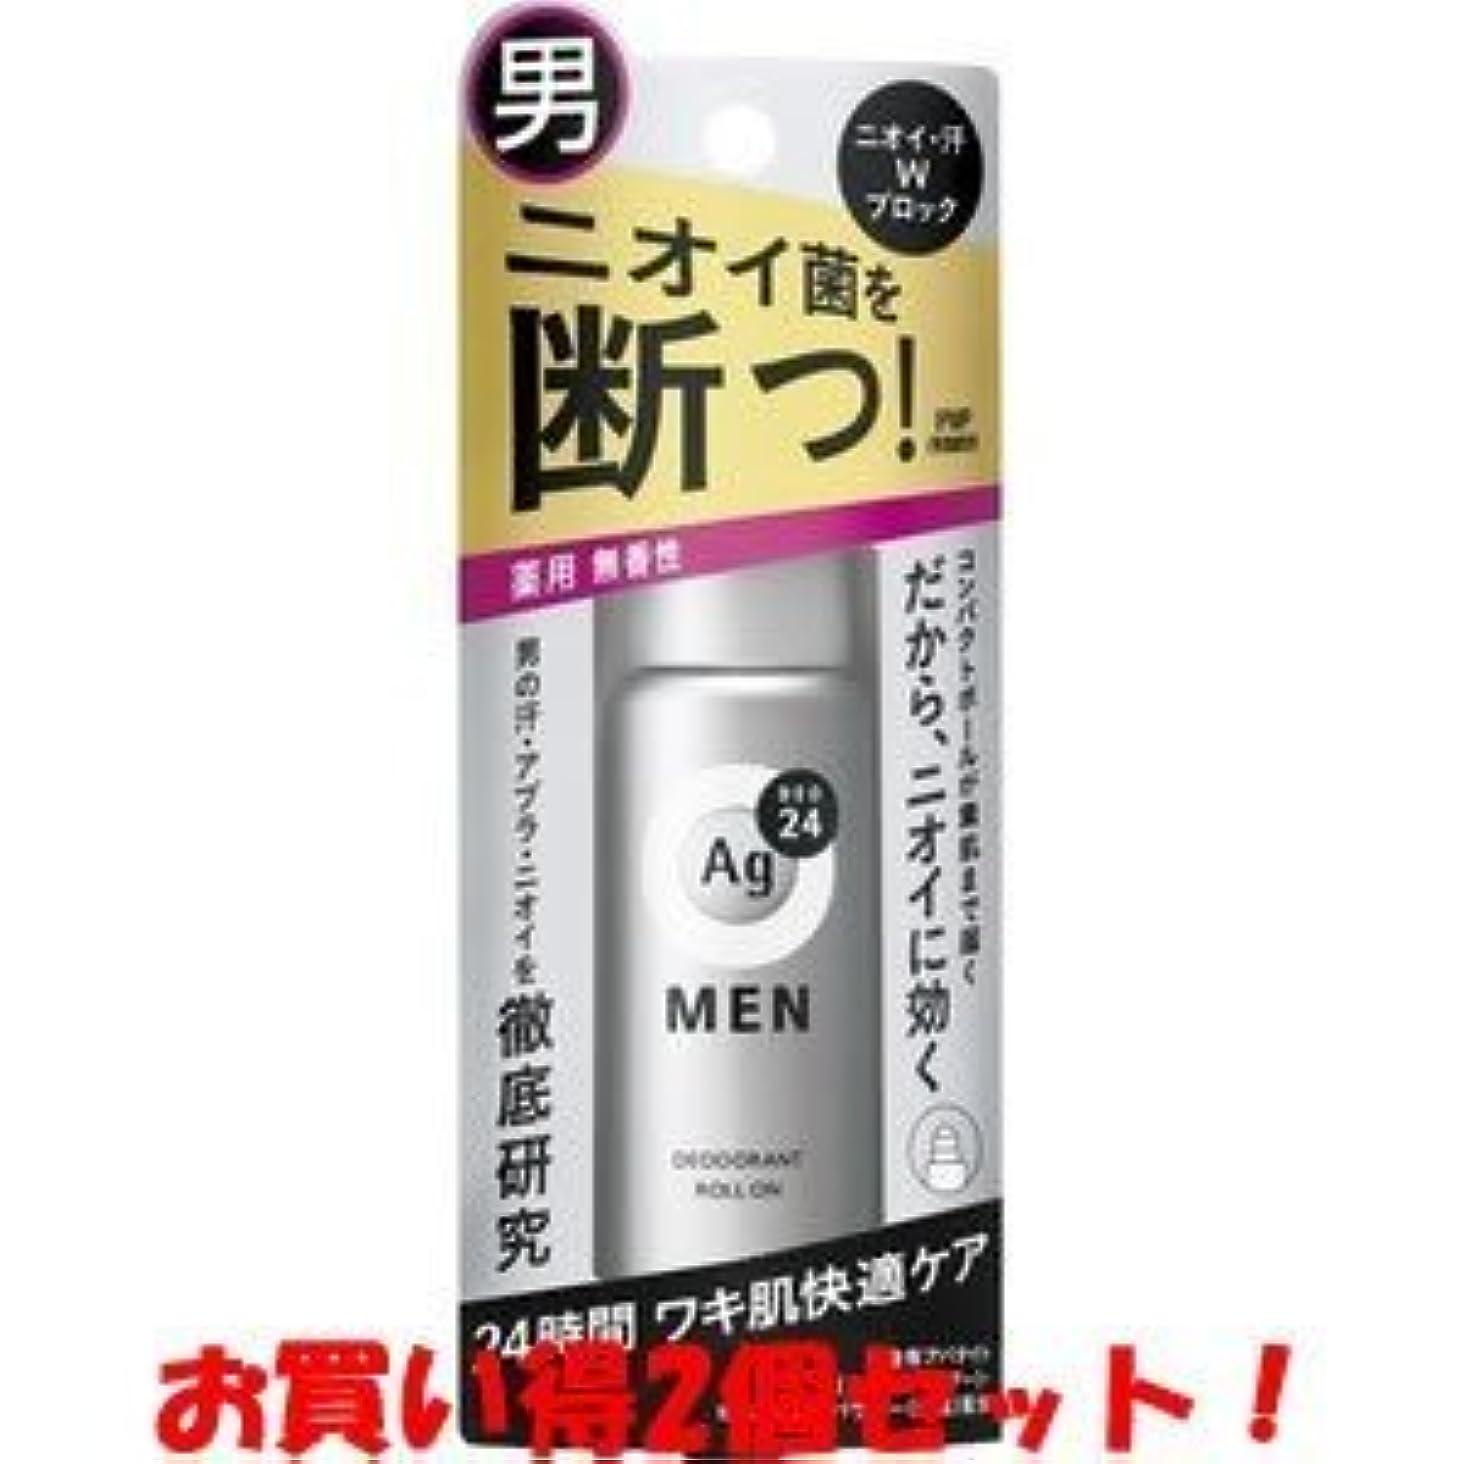 羊パス倉庫エージーデオ24 メンズデオドラントロールオン 無香性 60mL×2個 (医薬部外品)